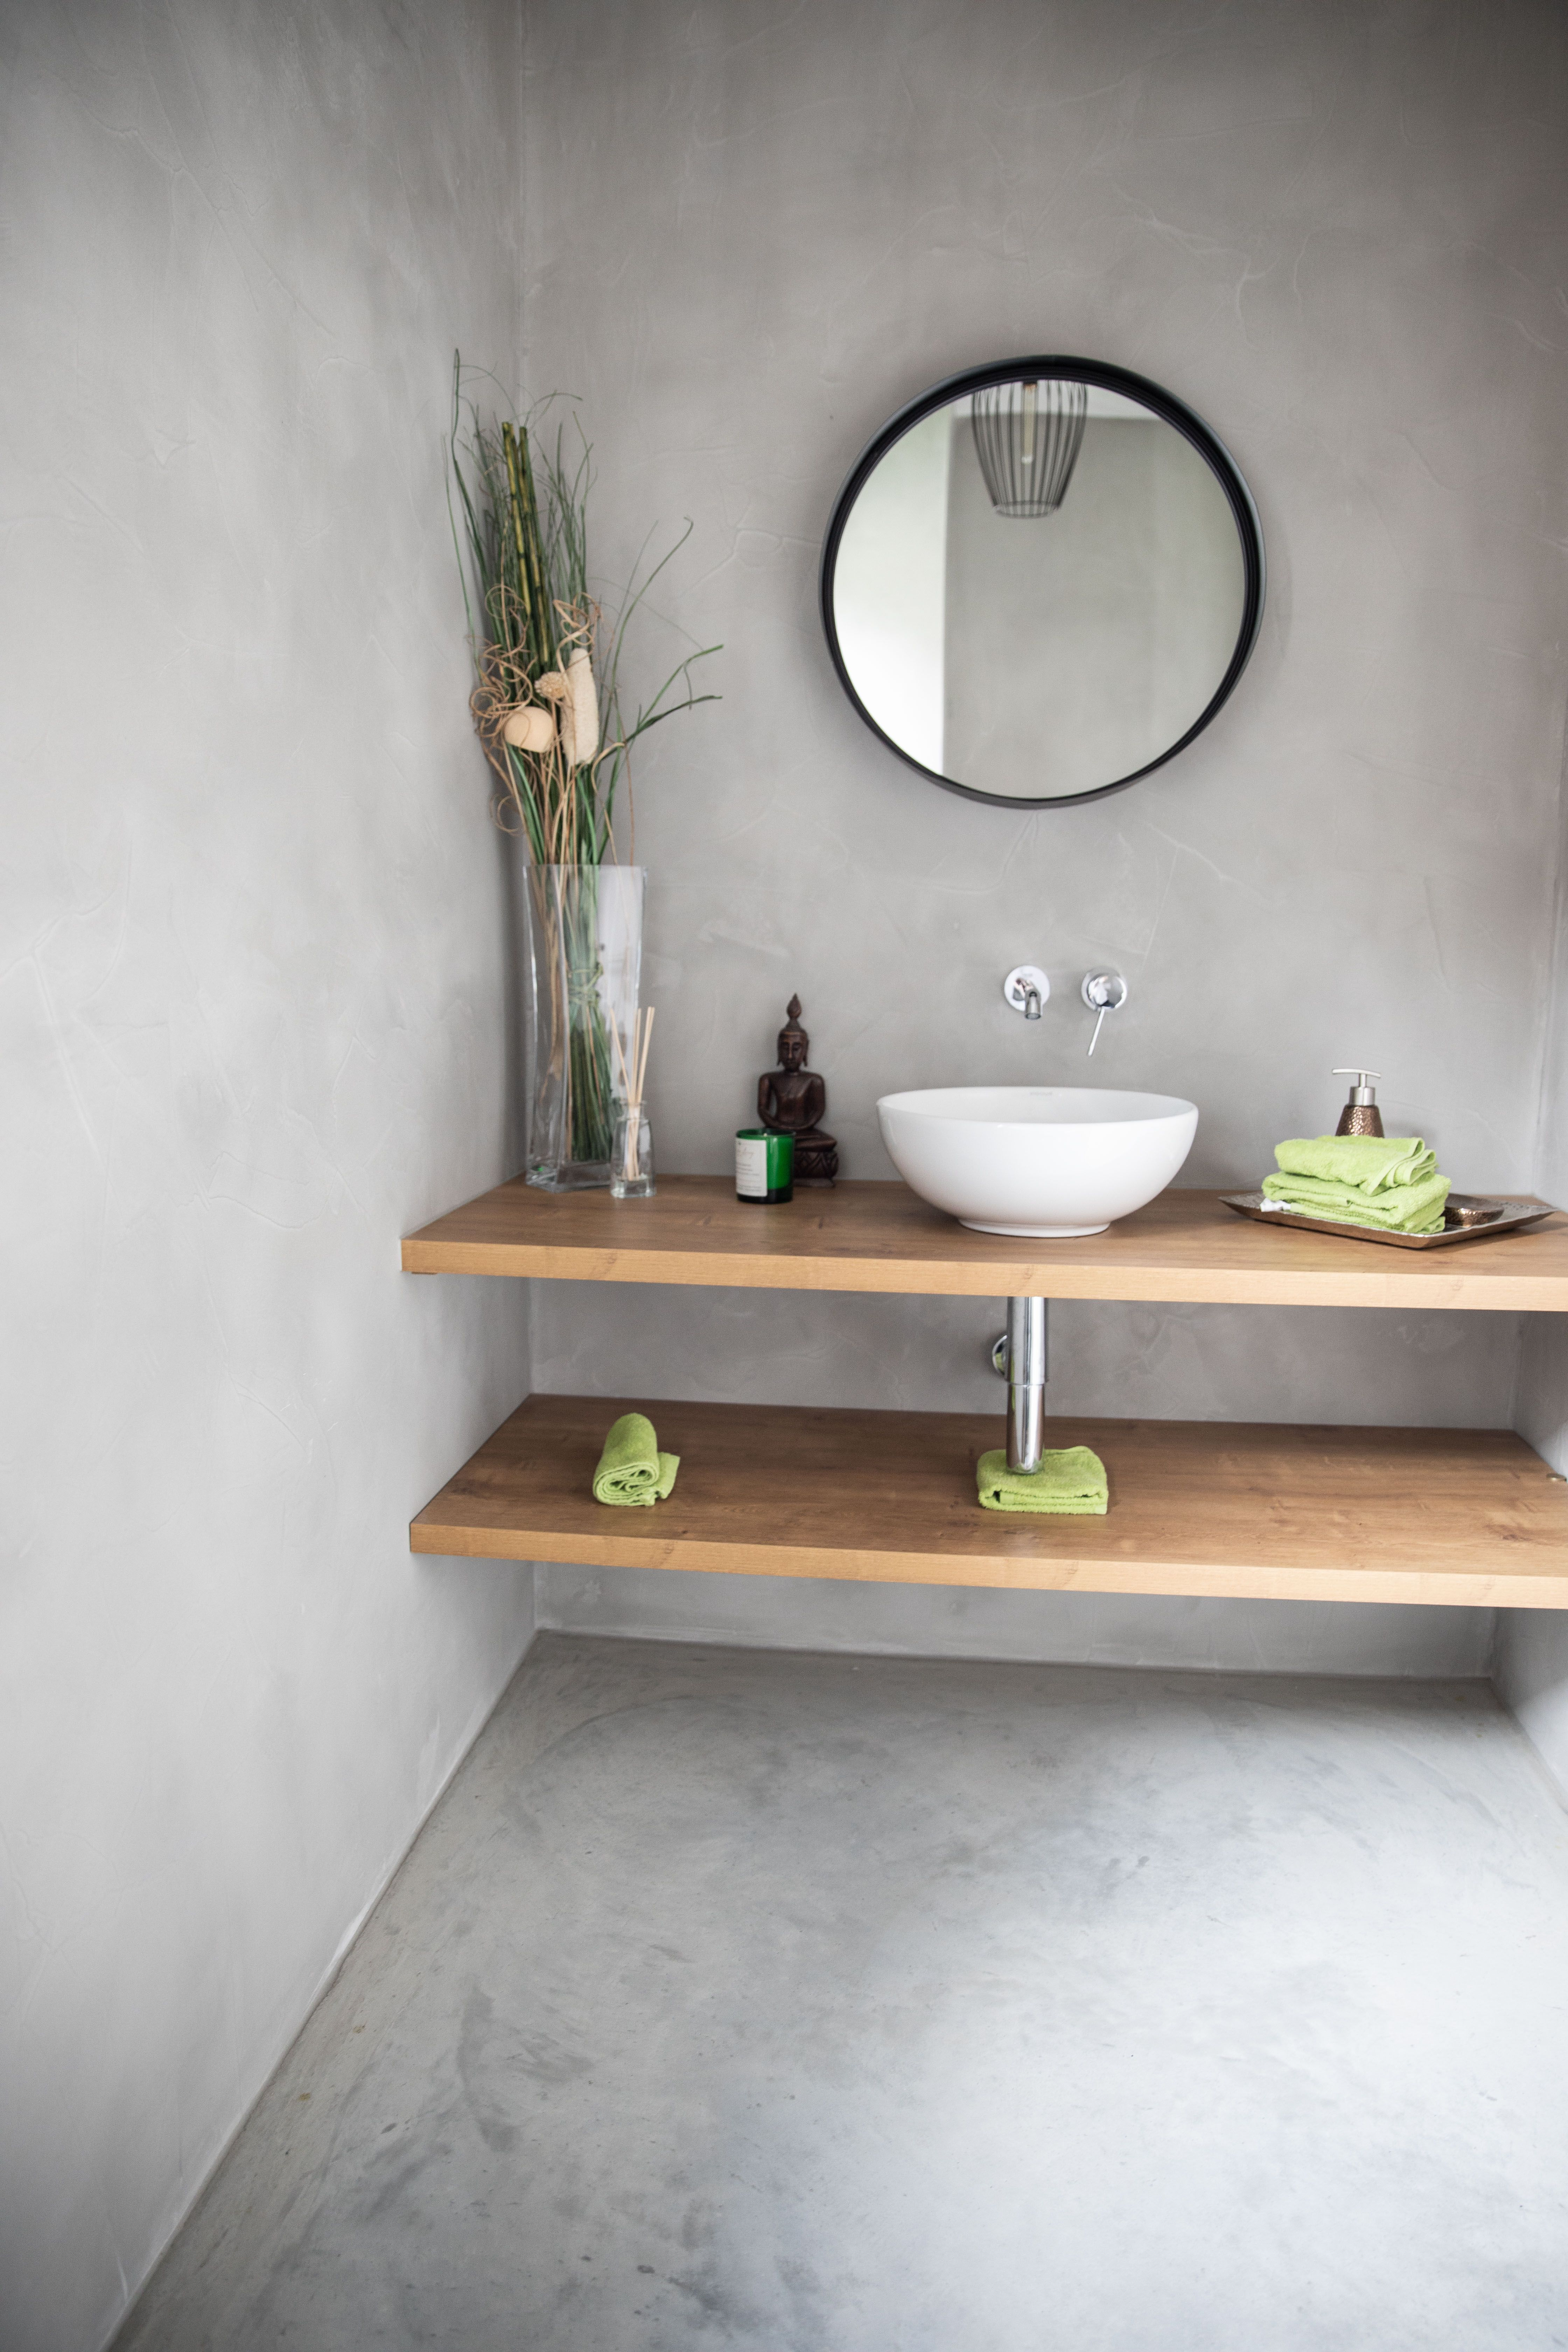 Badezimmer Bad Pandomo Wall Designboden Sichtestrich Betonboden Minimalism Badezimmer Fussboden Wohnung Badezimmer Runde Badezimmerspiegel